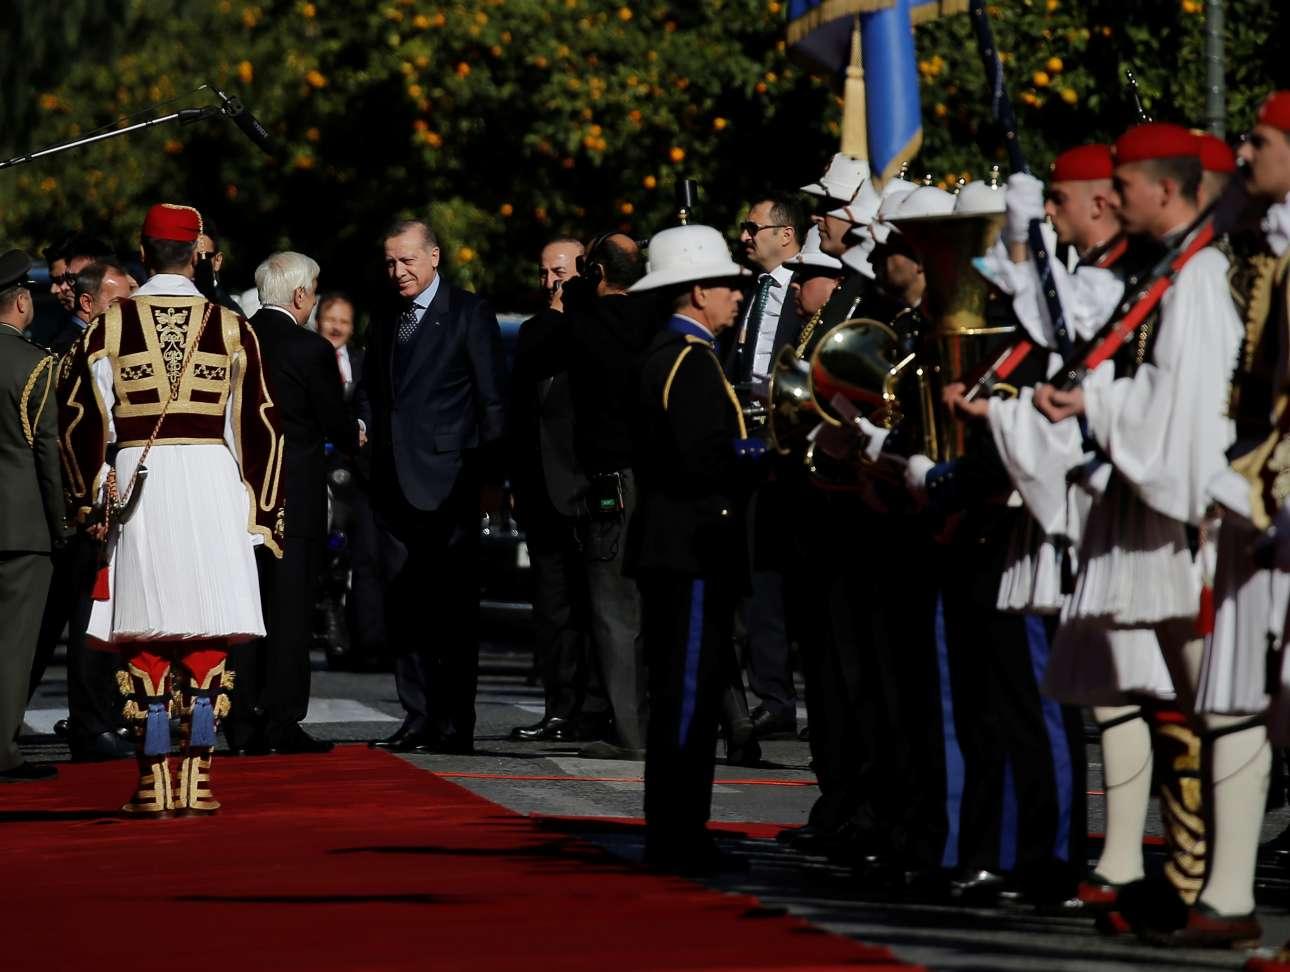 Ο Προκόπης Παυλόπουλος υποδέχεται τον Ταγίπ Ερντογάν έξω από το Προεδρικό Μέγαρο